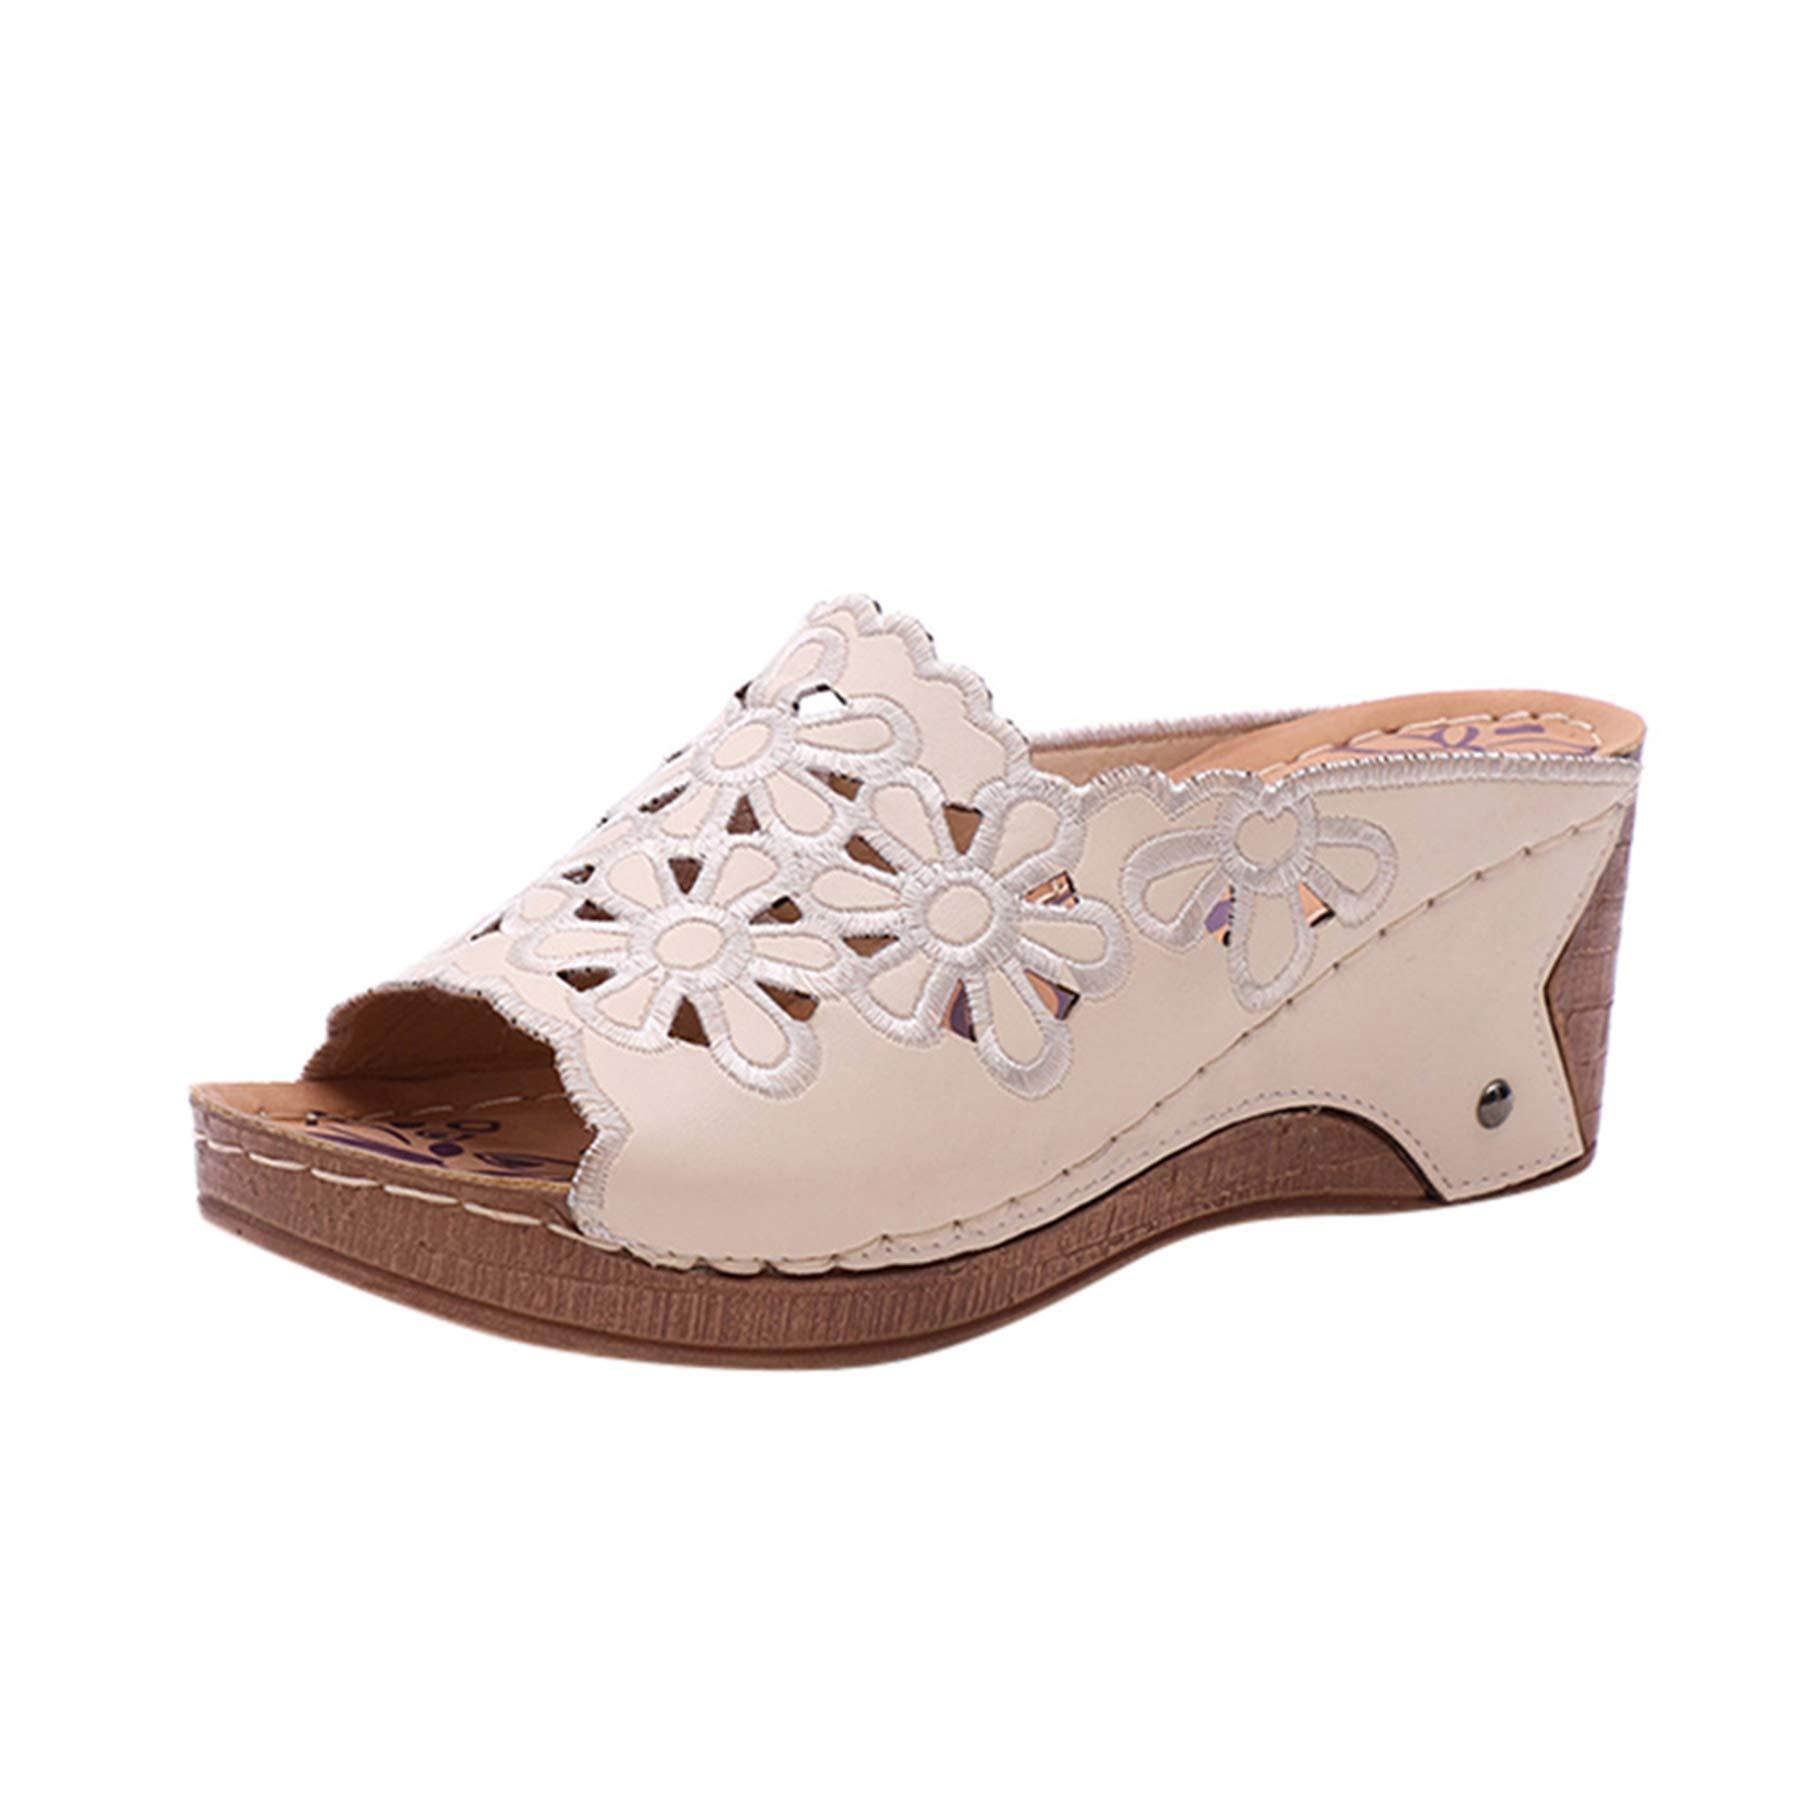 le rapport qualité prix super service le meilleur WINJIN Chaussures femme Été Sandales Compensées Femmes Tongs Femmes  Chaussures de Plage à Talons Hauts Mules Résille Creux